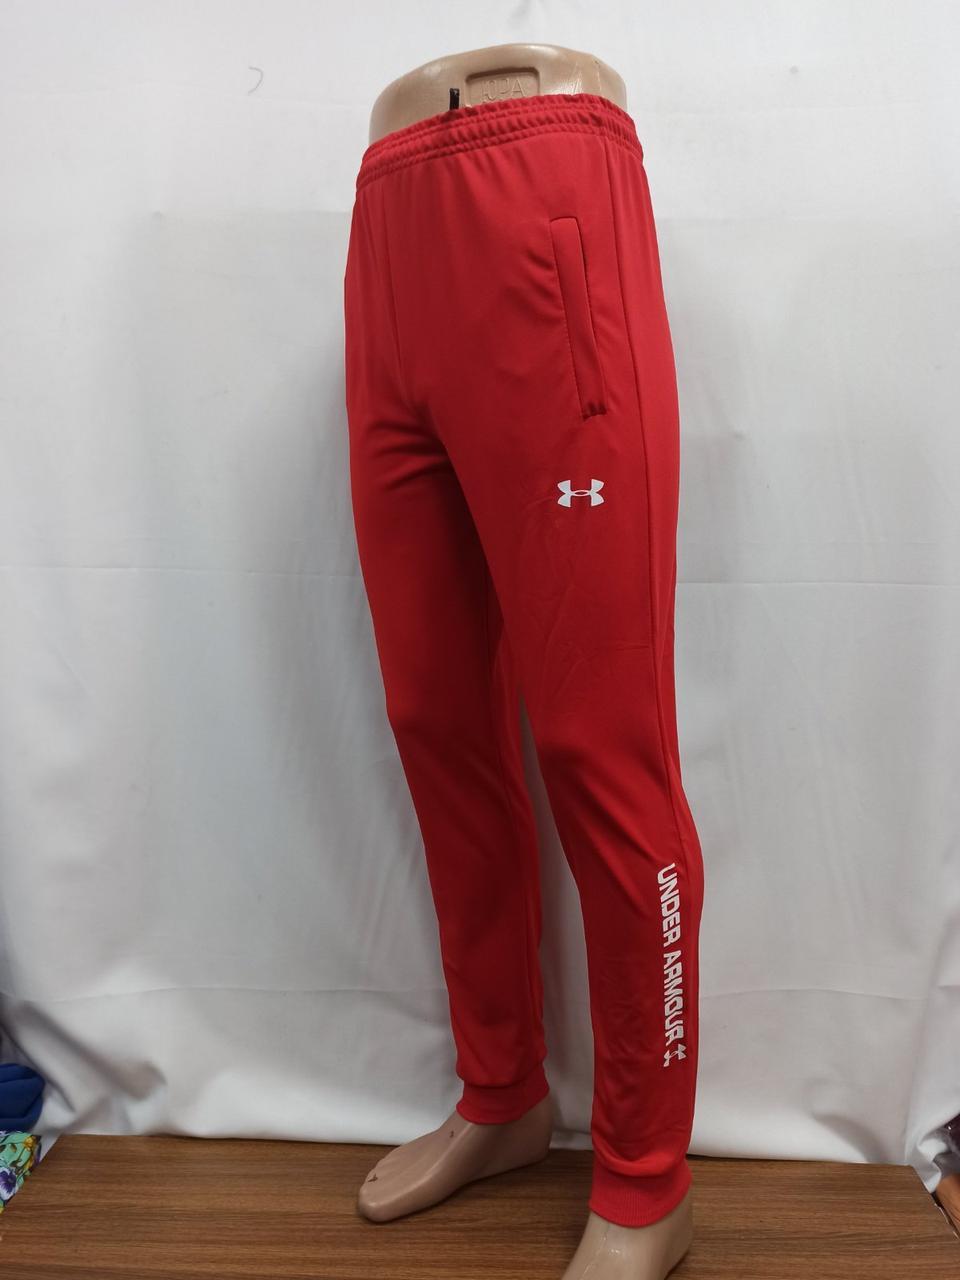 Спортивні чоловічі штани. Червоного кольору. Топ продажу!!!